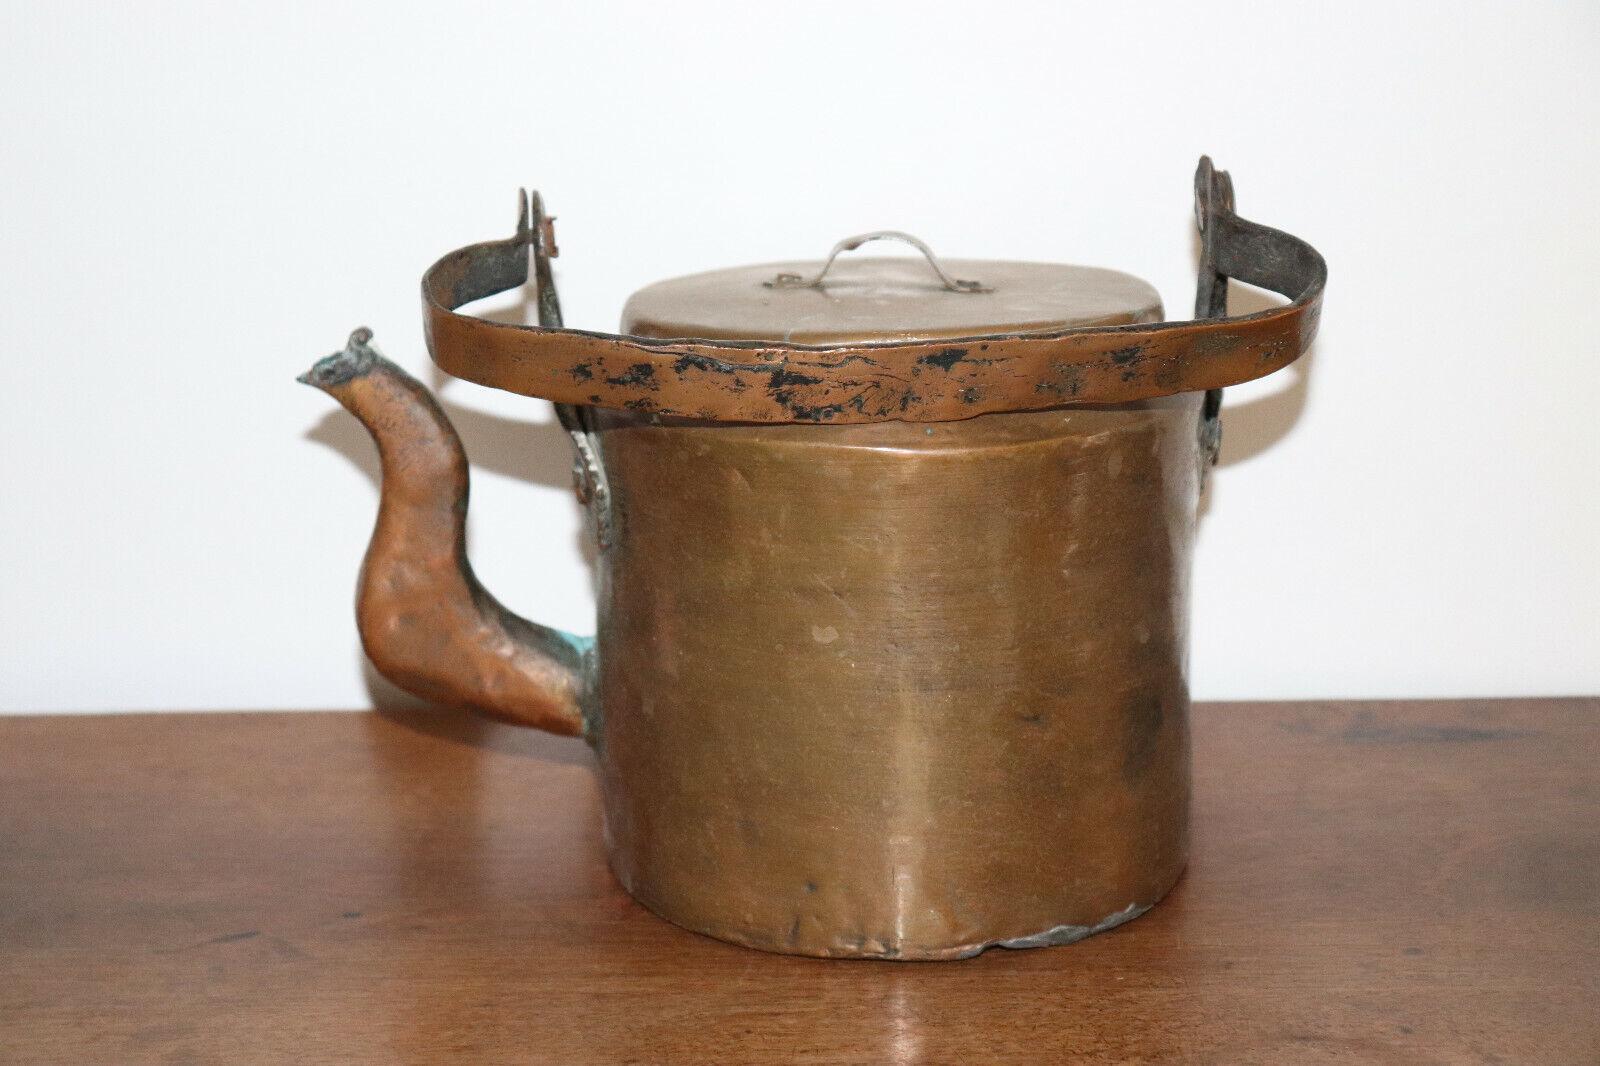 Immagine 1 - Caffettiera-IN-Rame-Ancien-19esimo-Antico-Rame